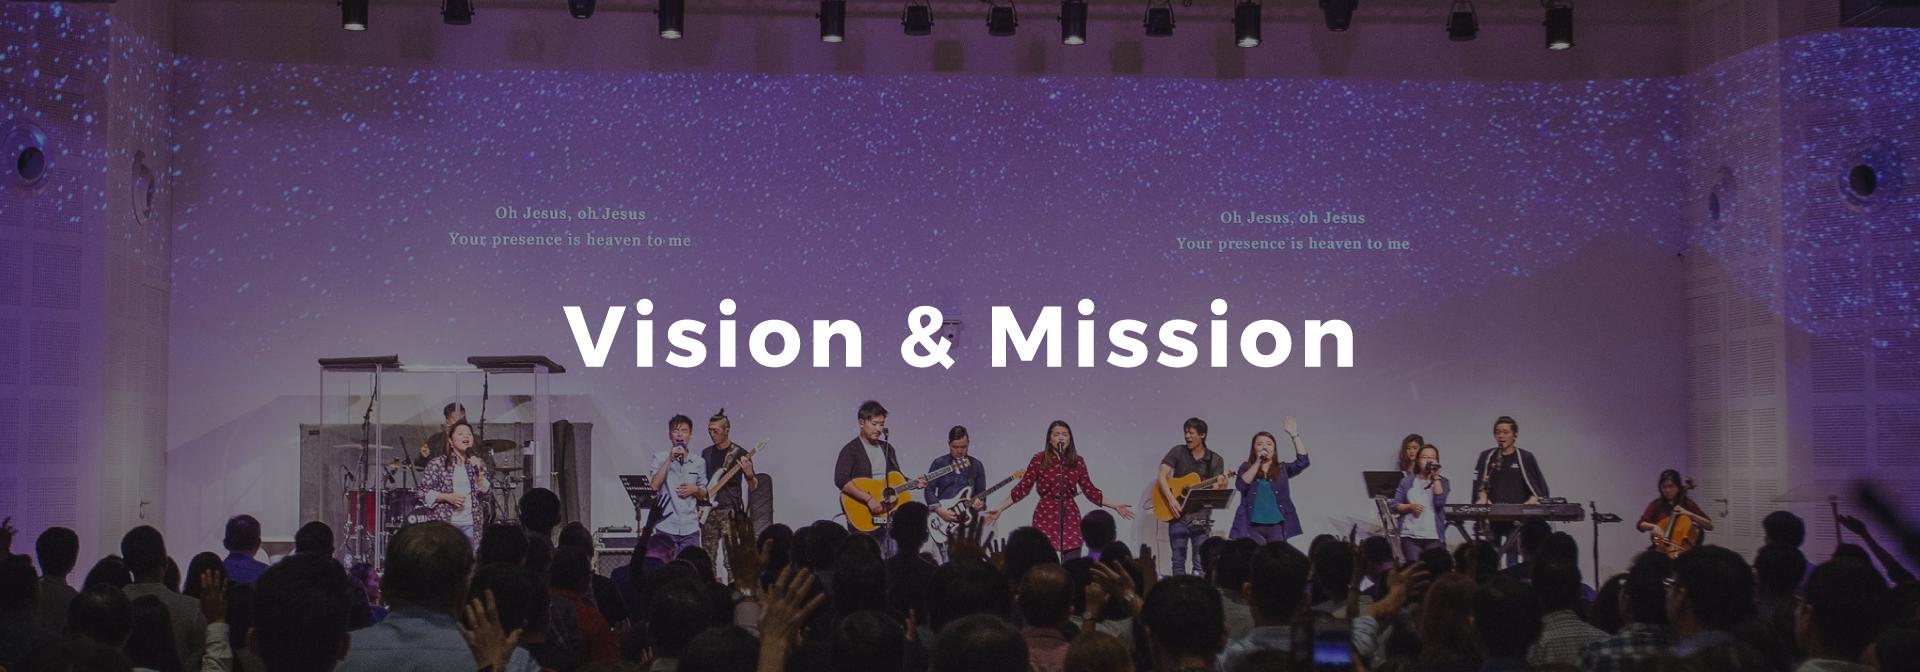 Header-VISION-MISSION-2.png